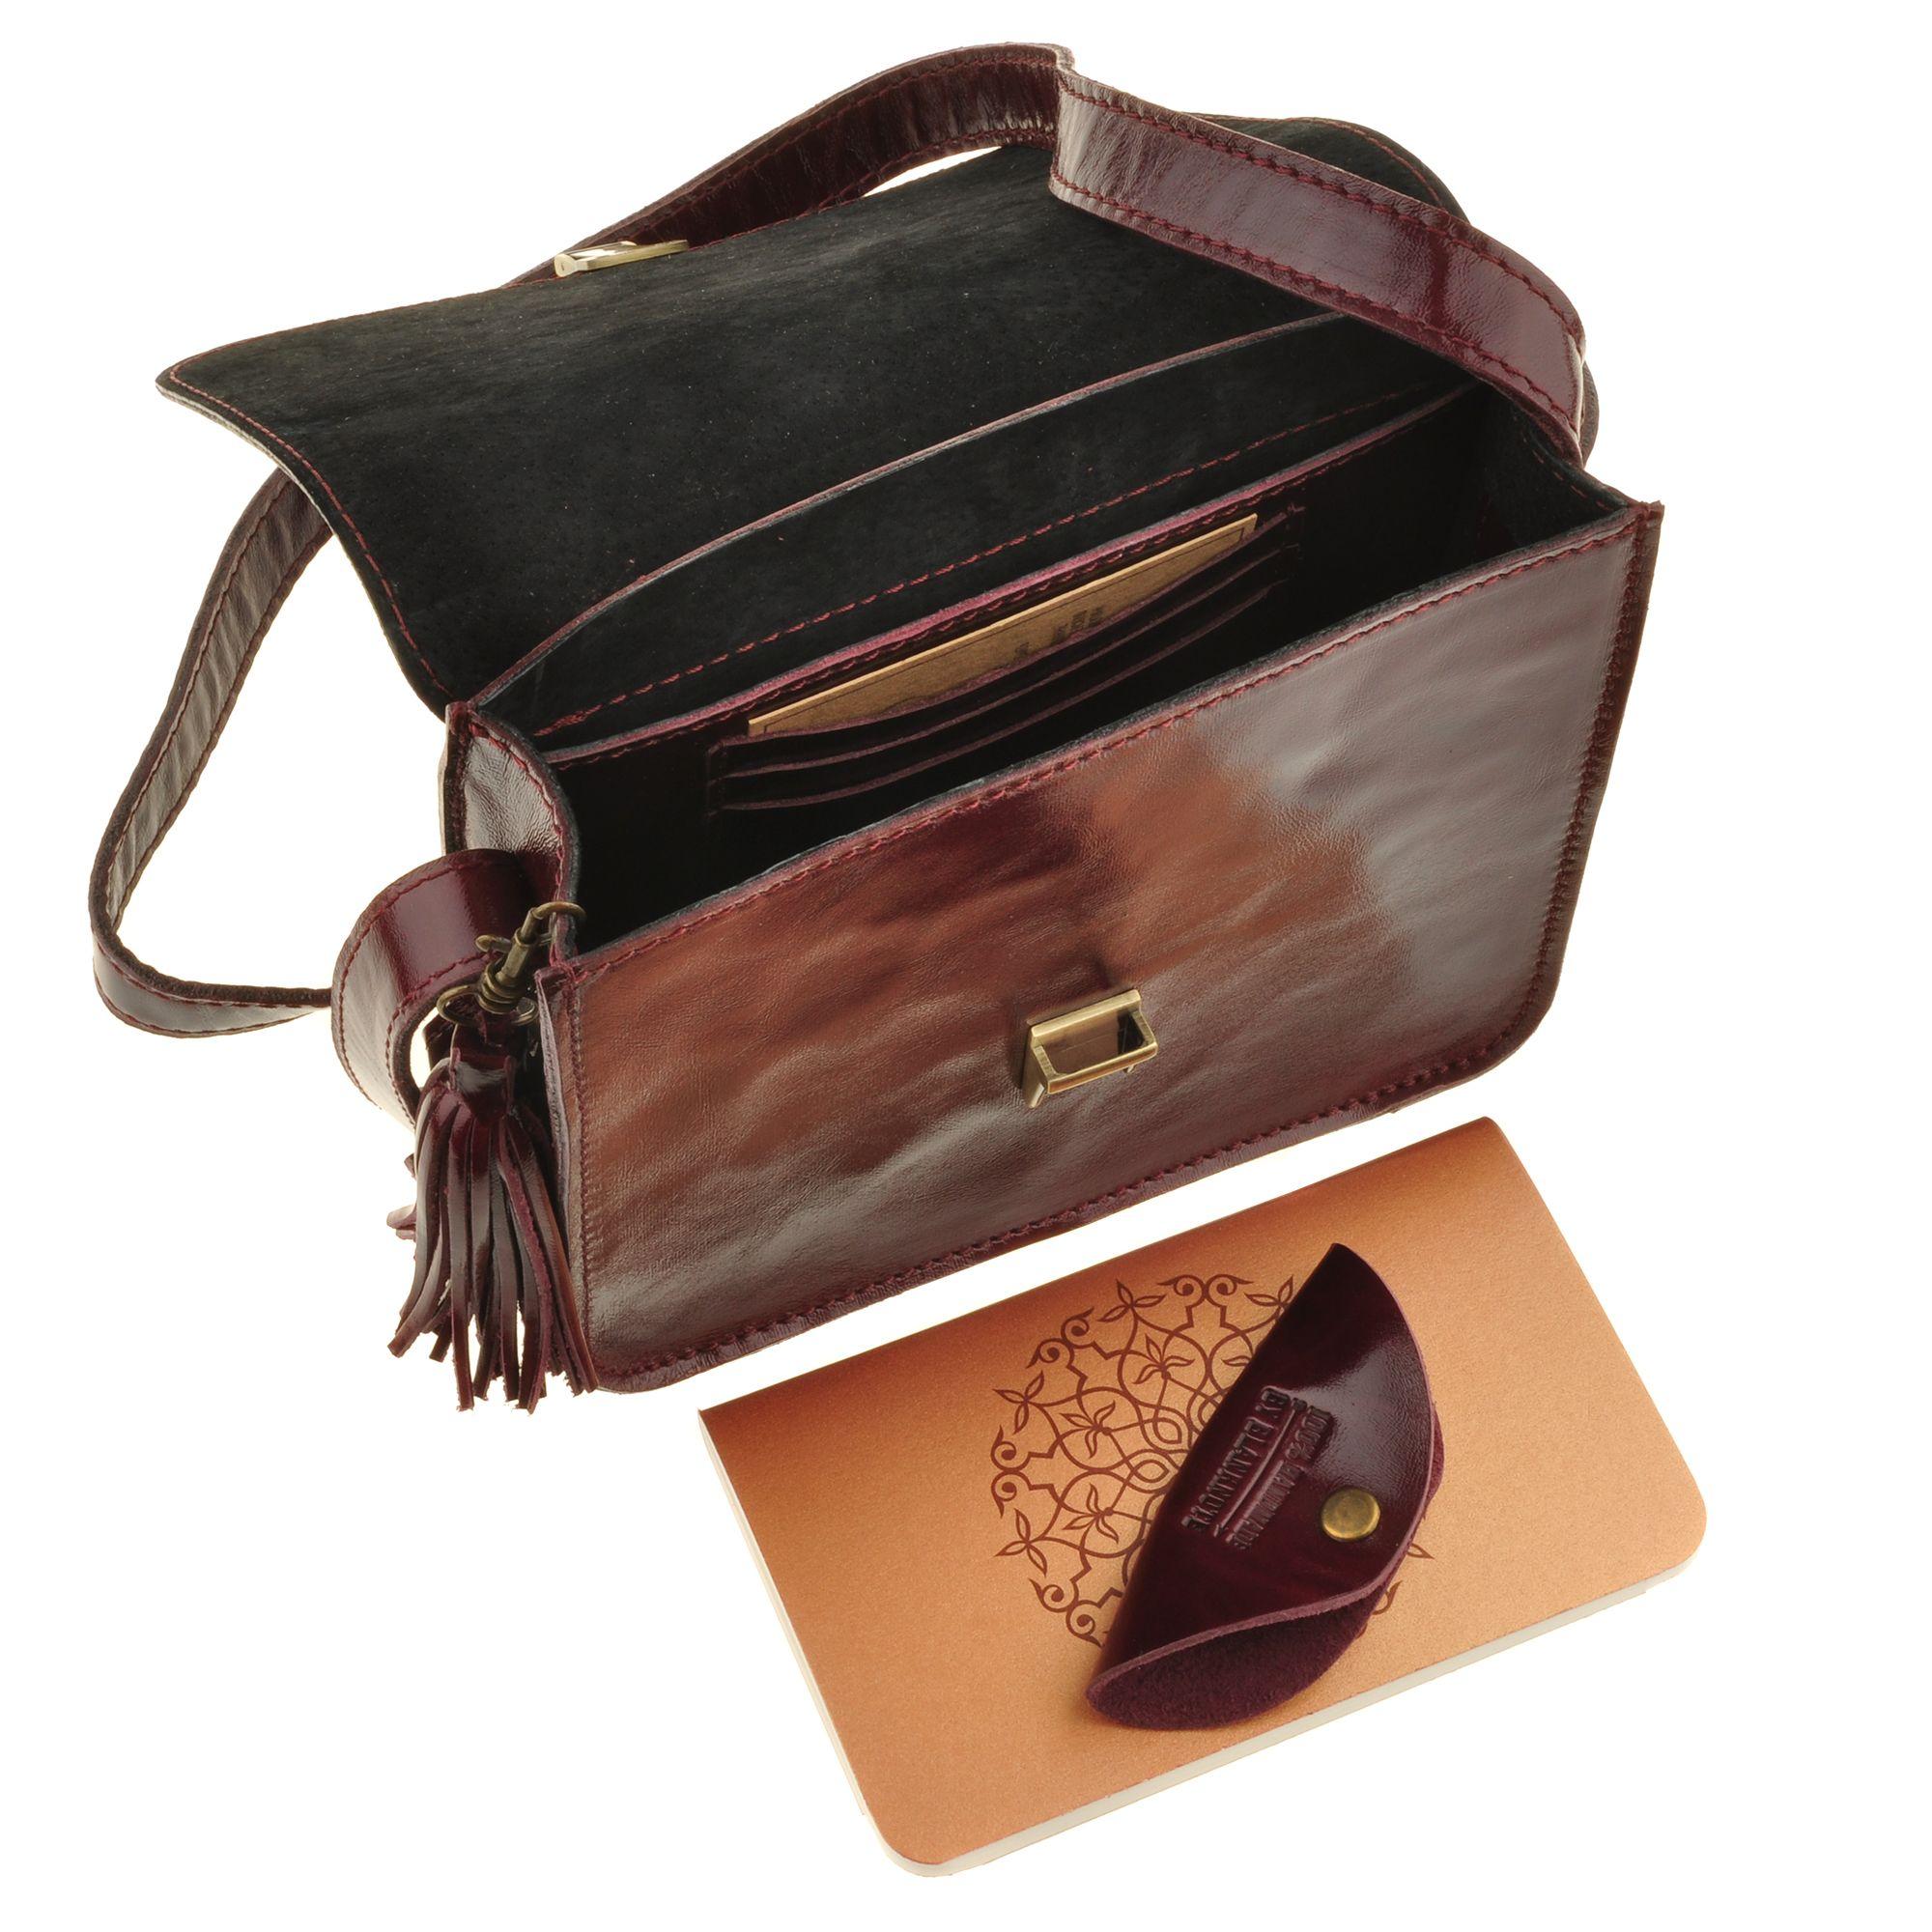 """Бохо-сумка """"Лилу"""" вишня Фото 5"""